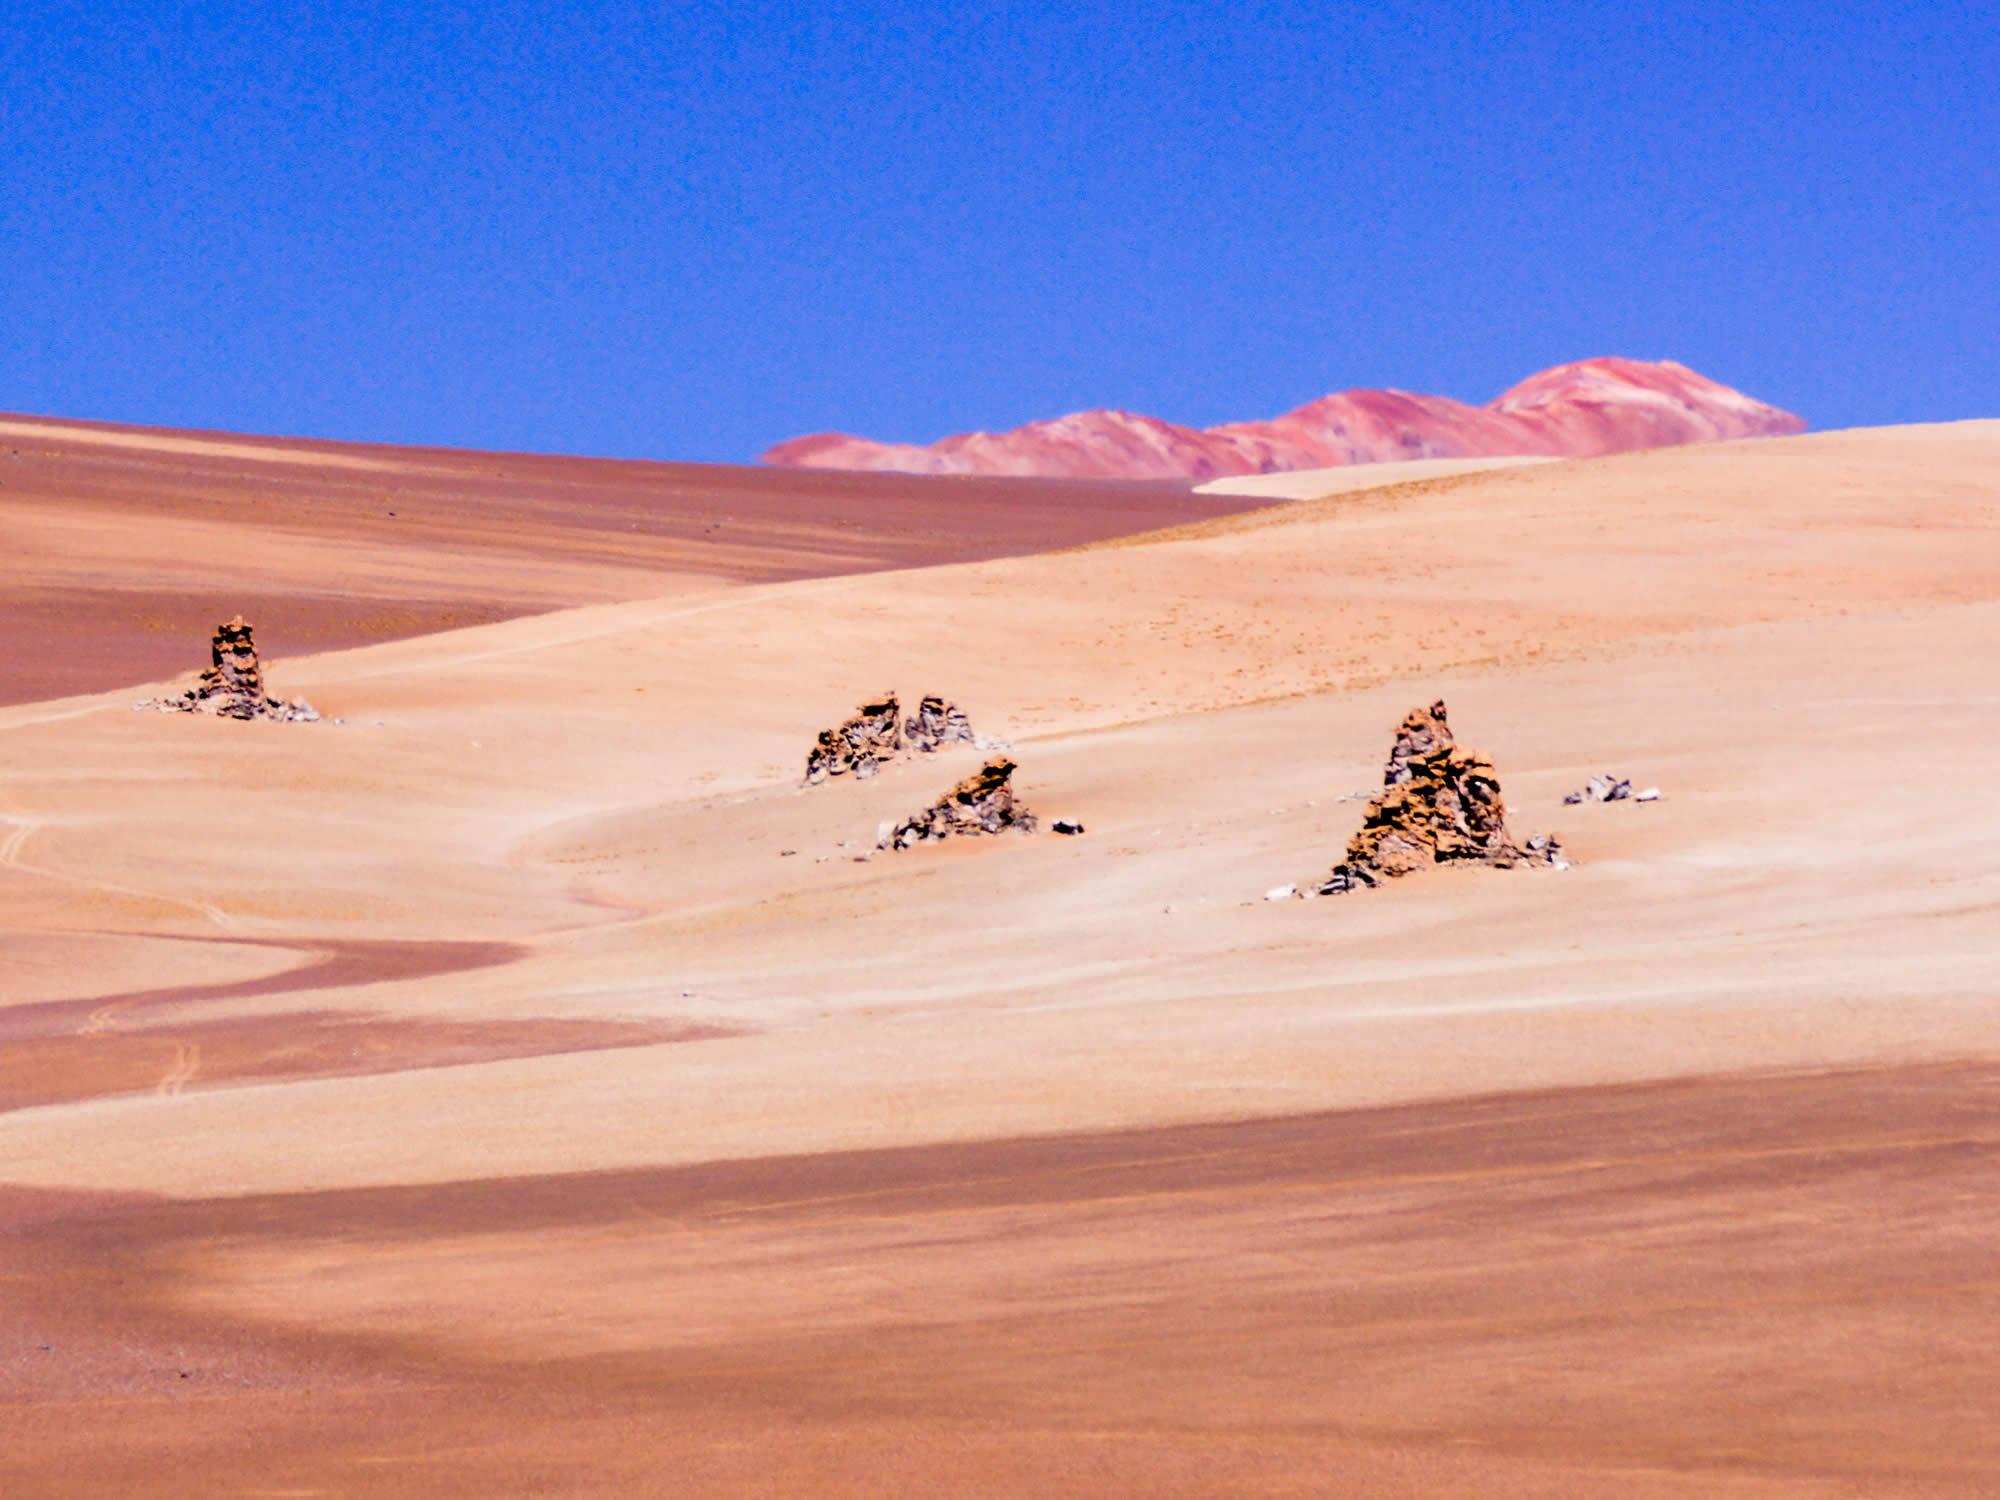 Salvador Dalí desert, Uyuni